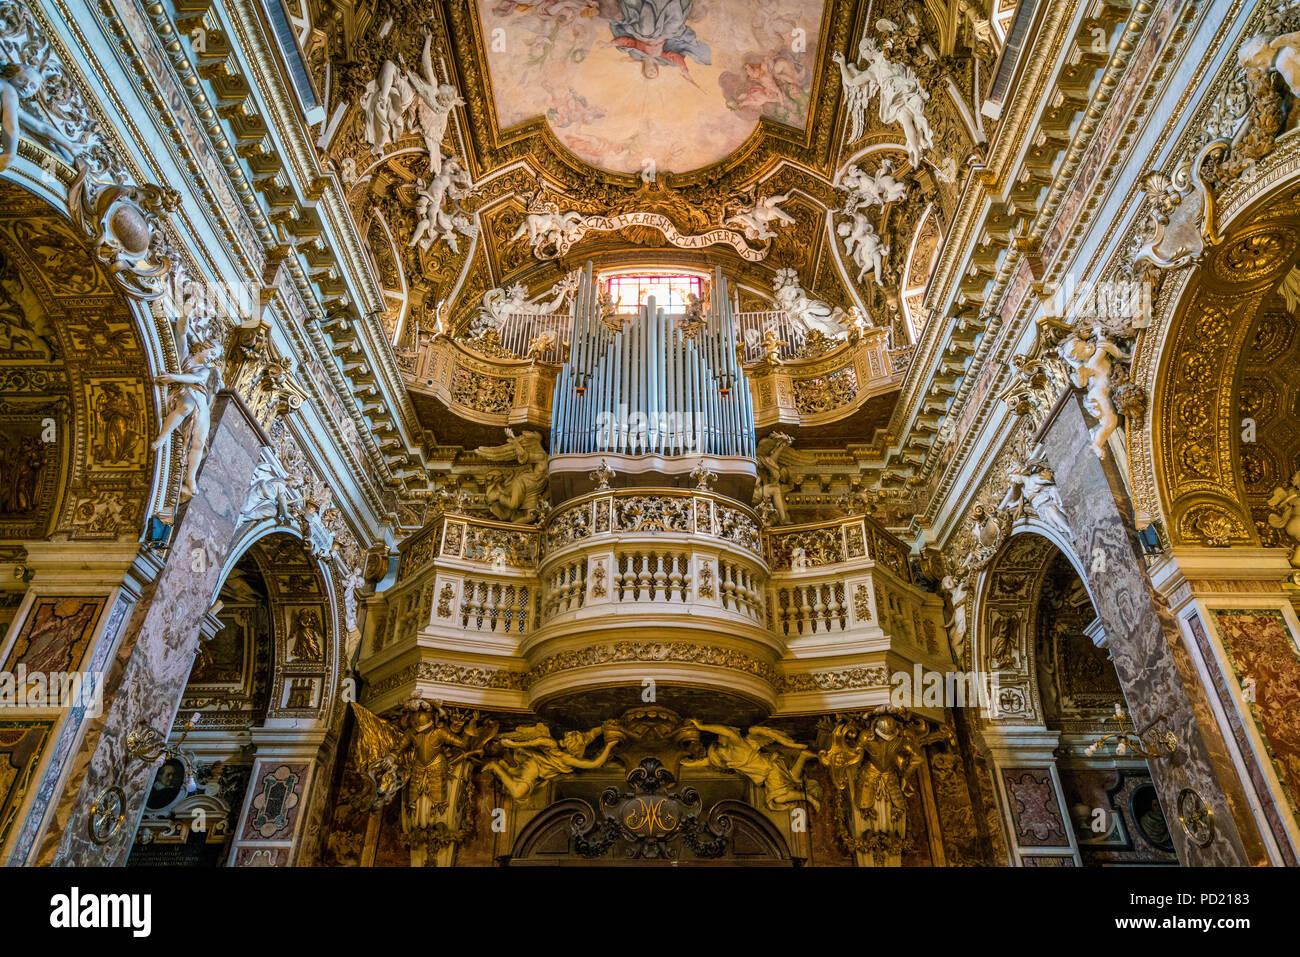 The Organ In The Church Of Santa Maria Della Vittoria In Rome Italy